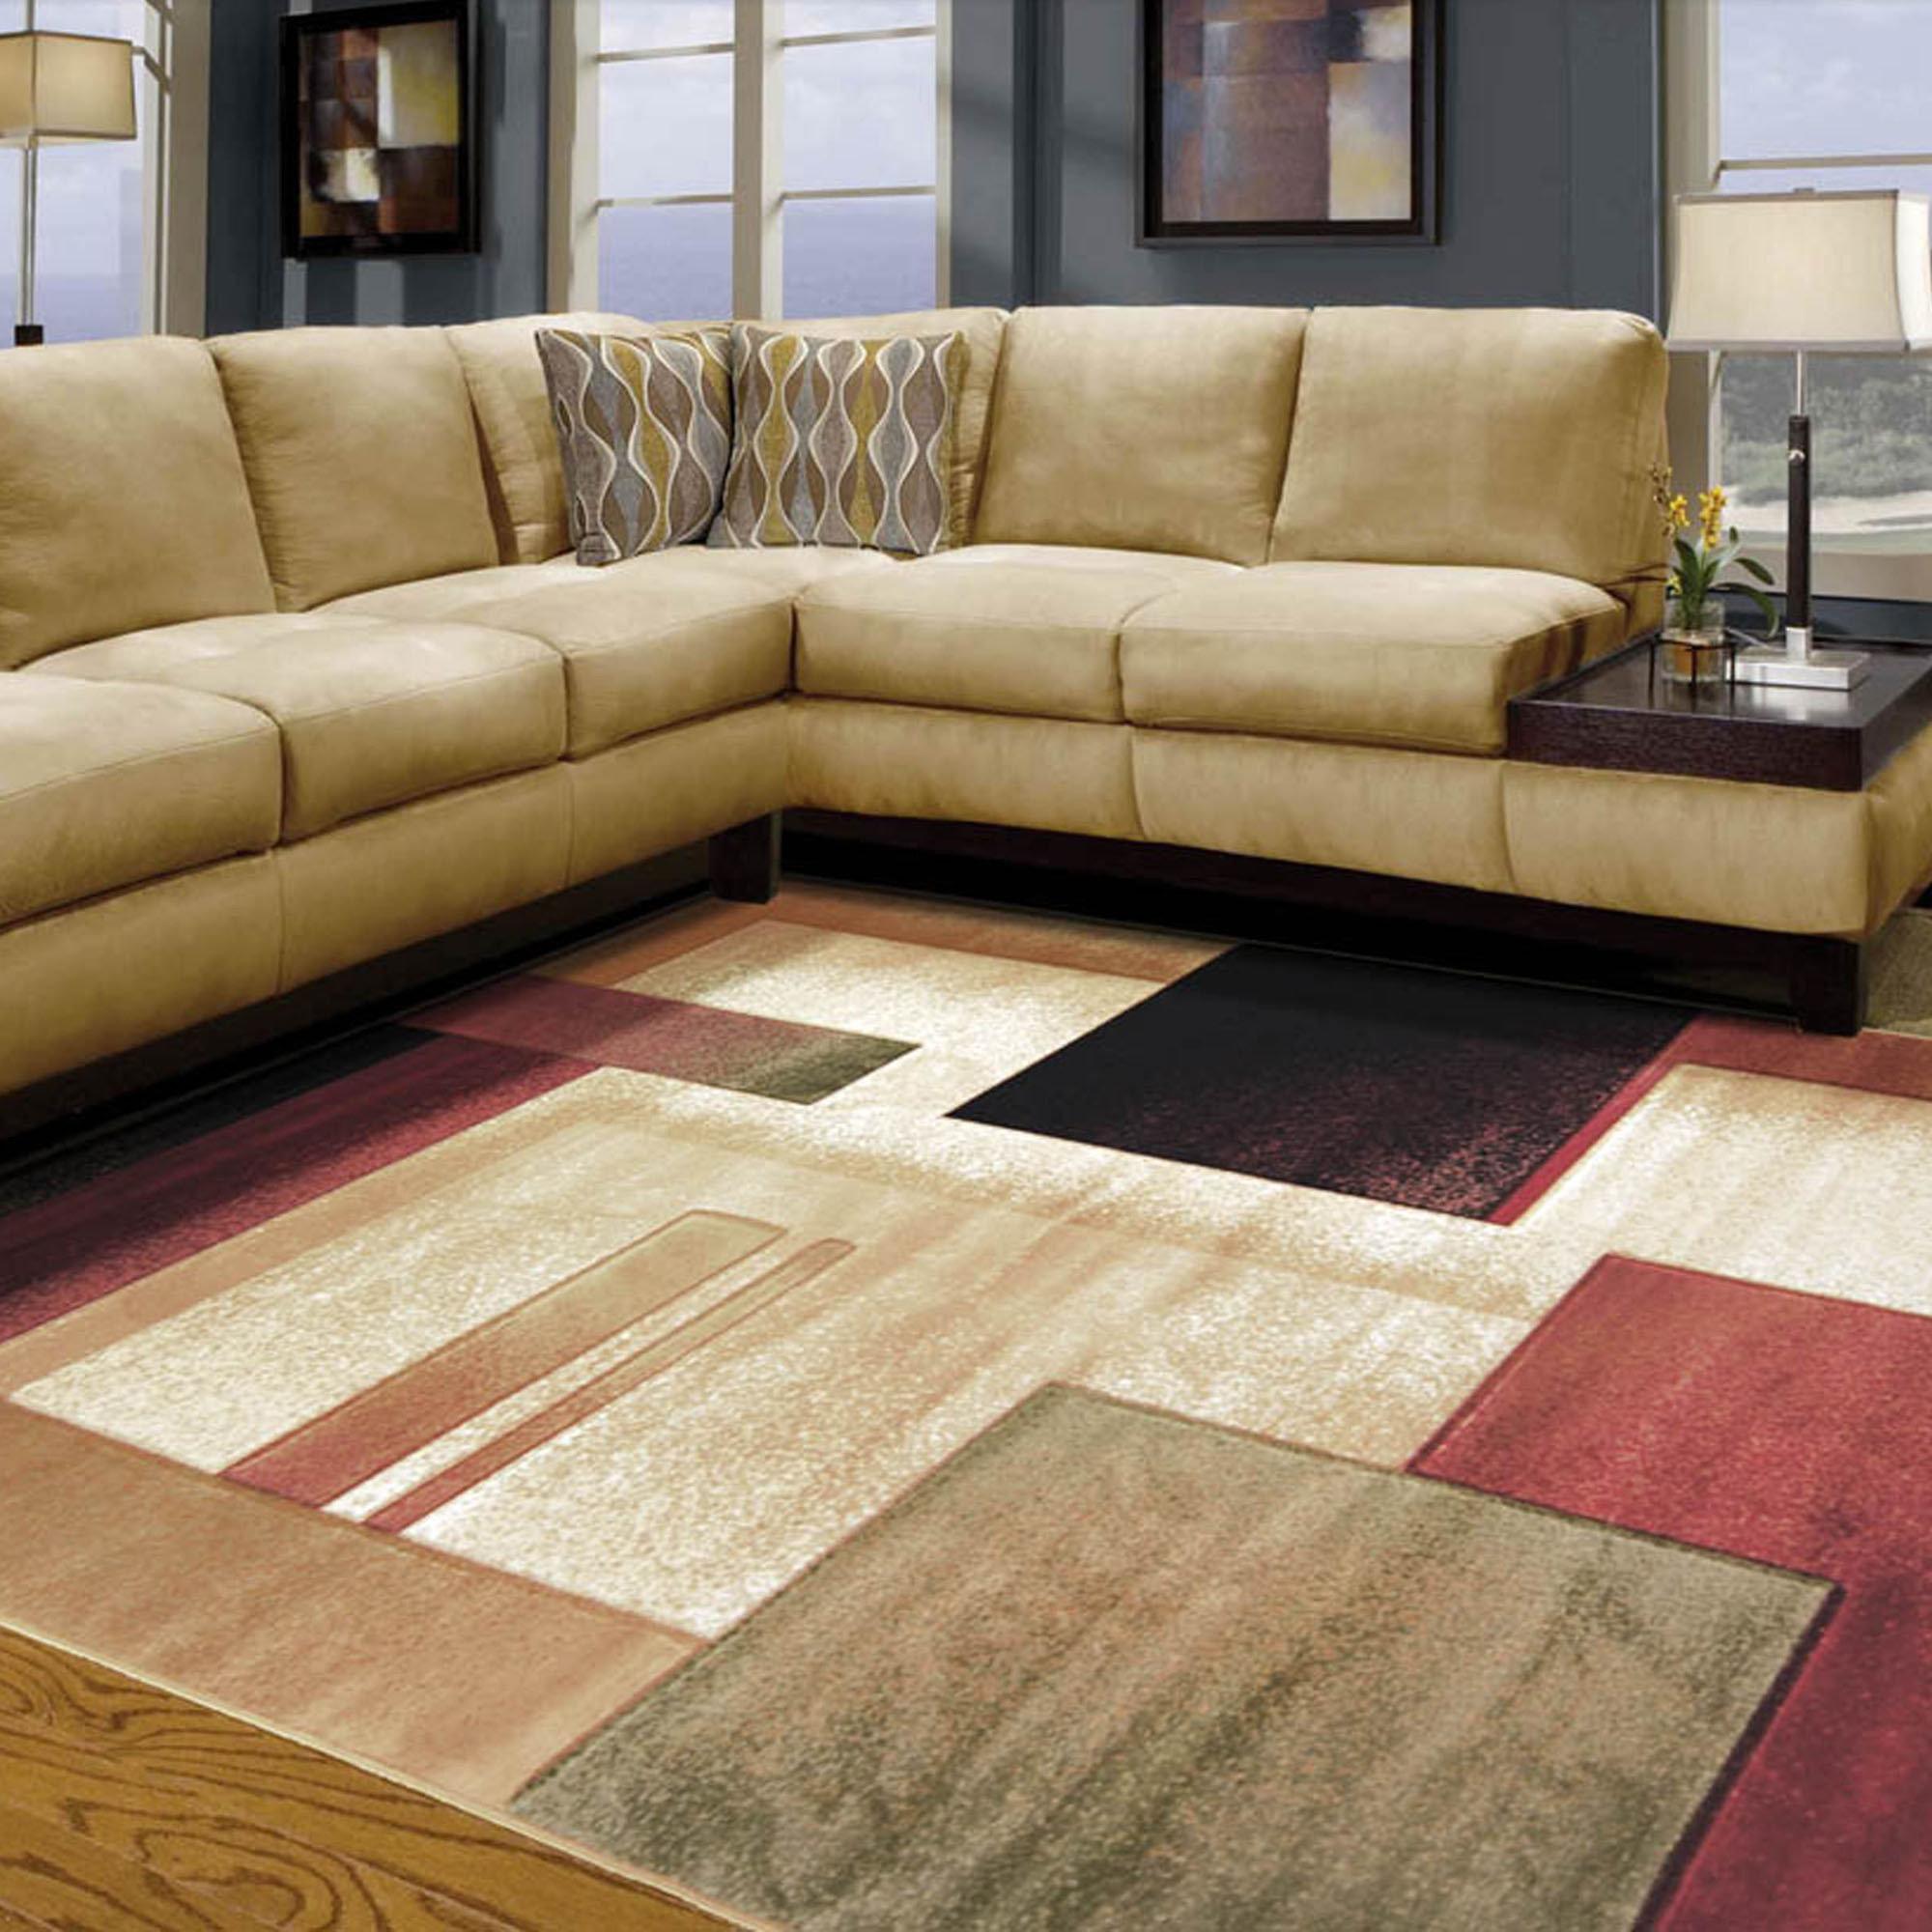 living room rugs best 25+ living room area rugs ideas on pinterest COJTVFA